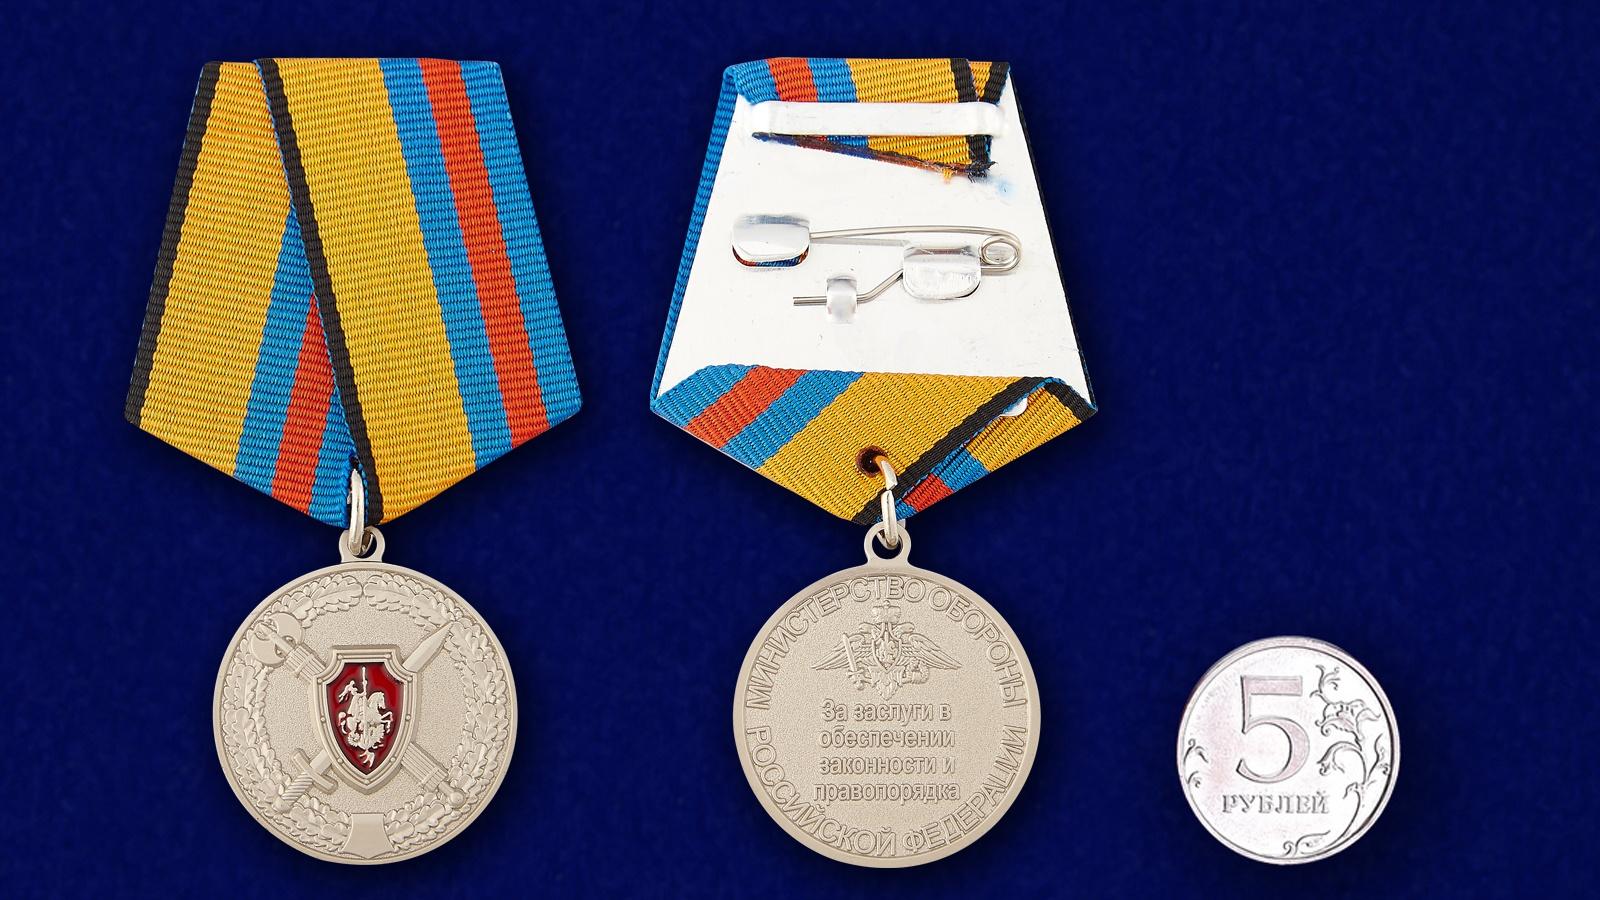 Медаль МО России За заслуги в обеспечении законности и правопорядка - сравнительный вид